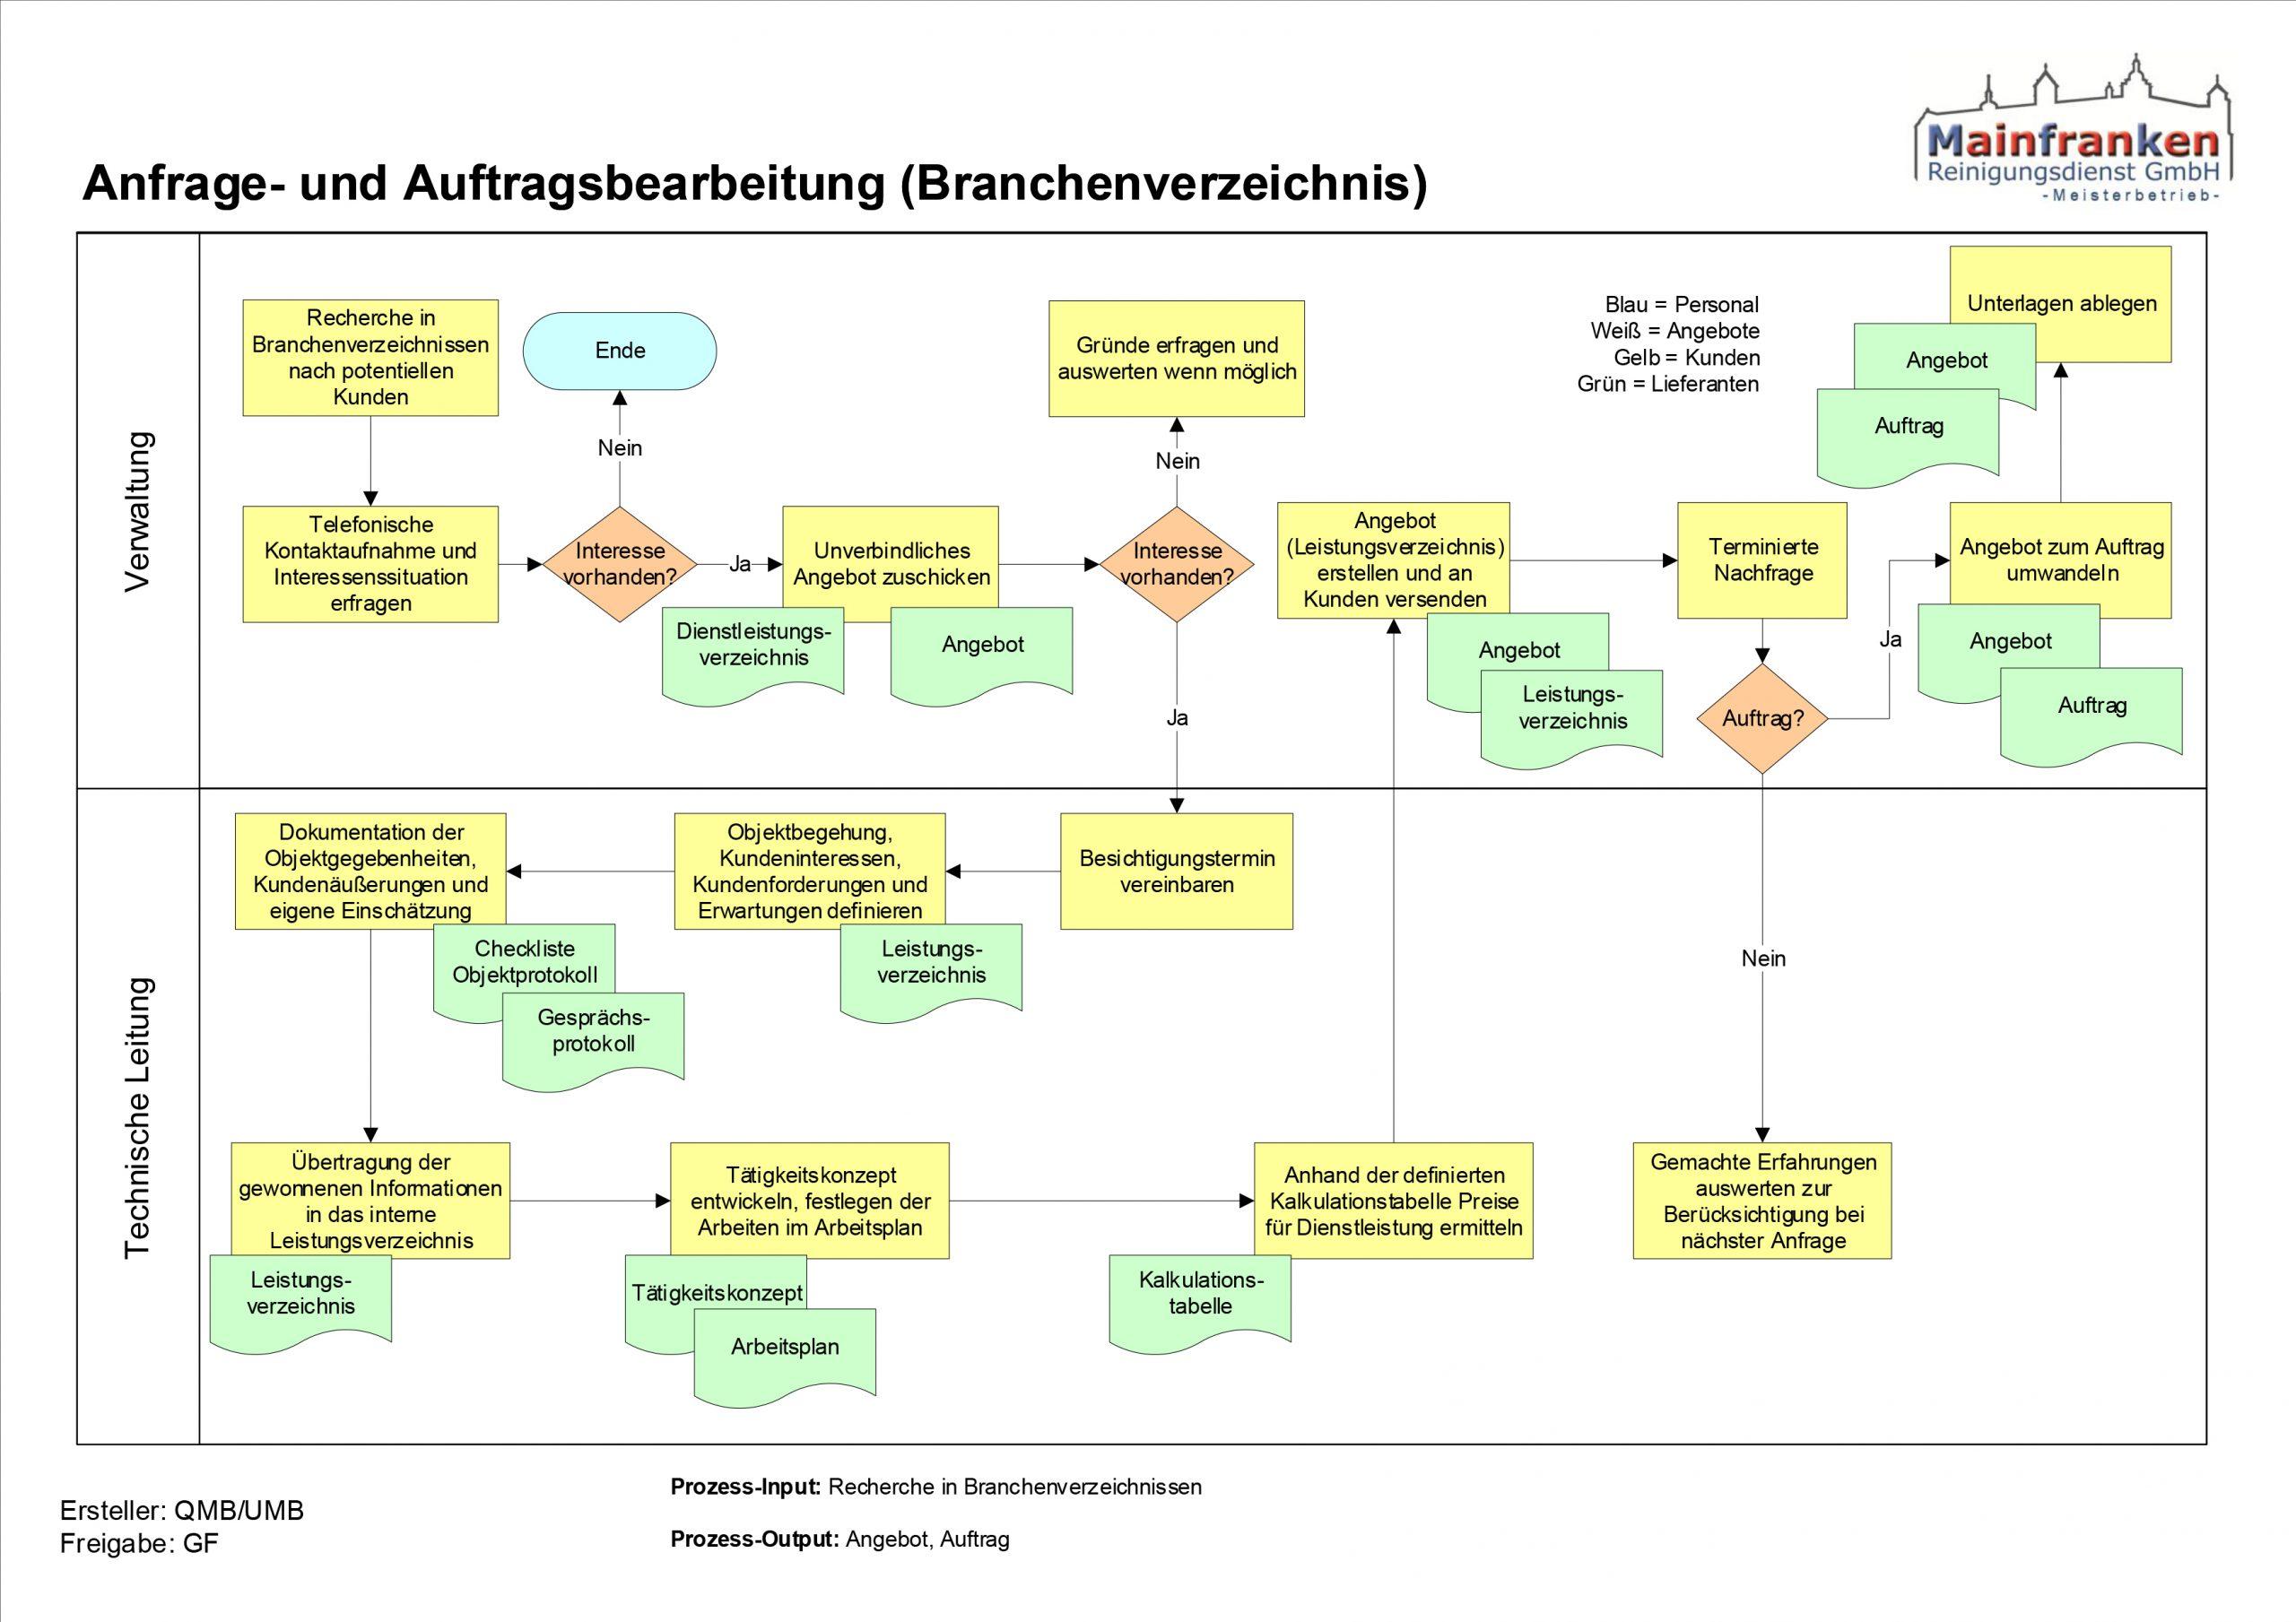 Schaubild zur Anfrage- und Auftragsbearbeitung (Branchenverzeichnis)